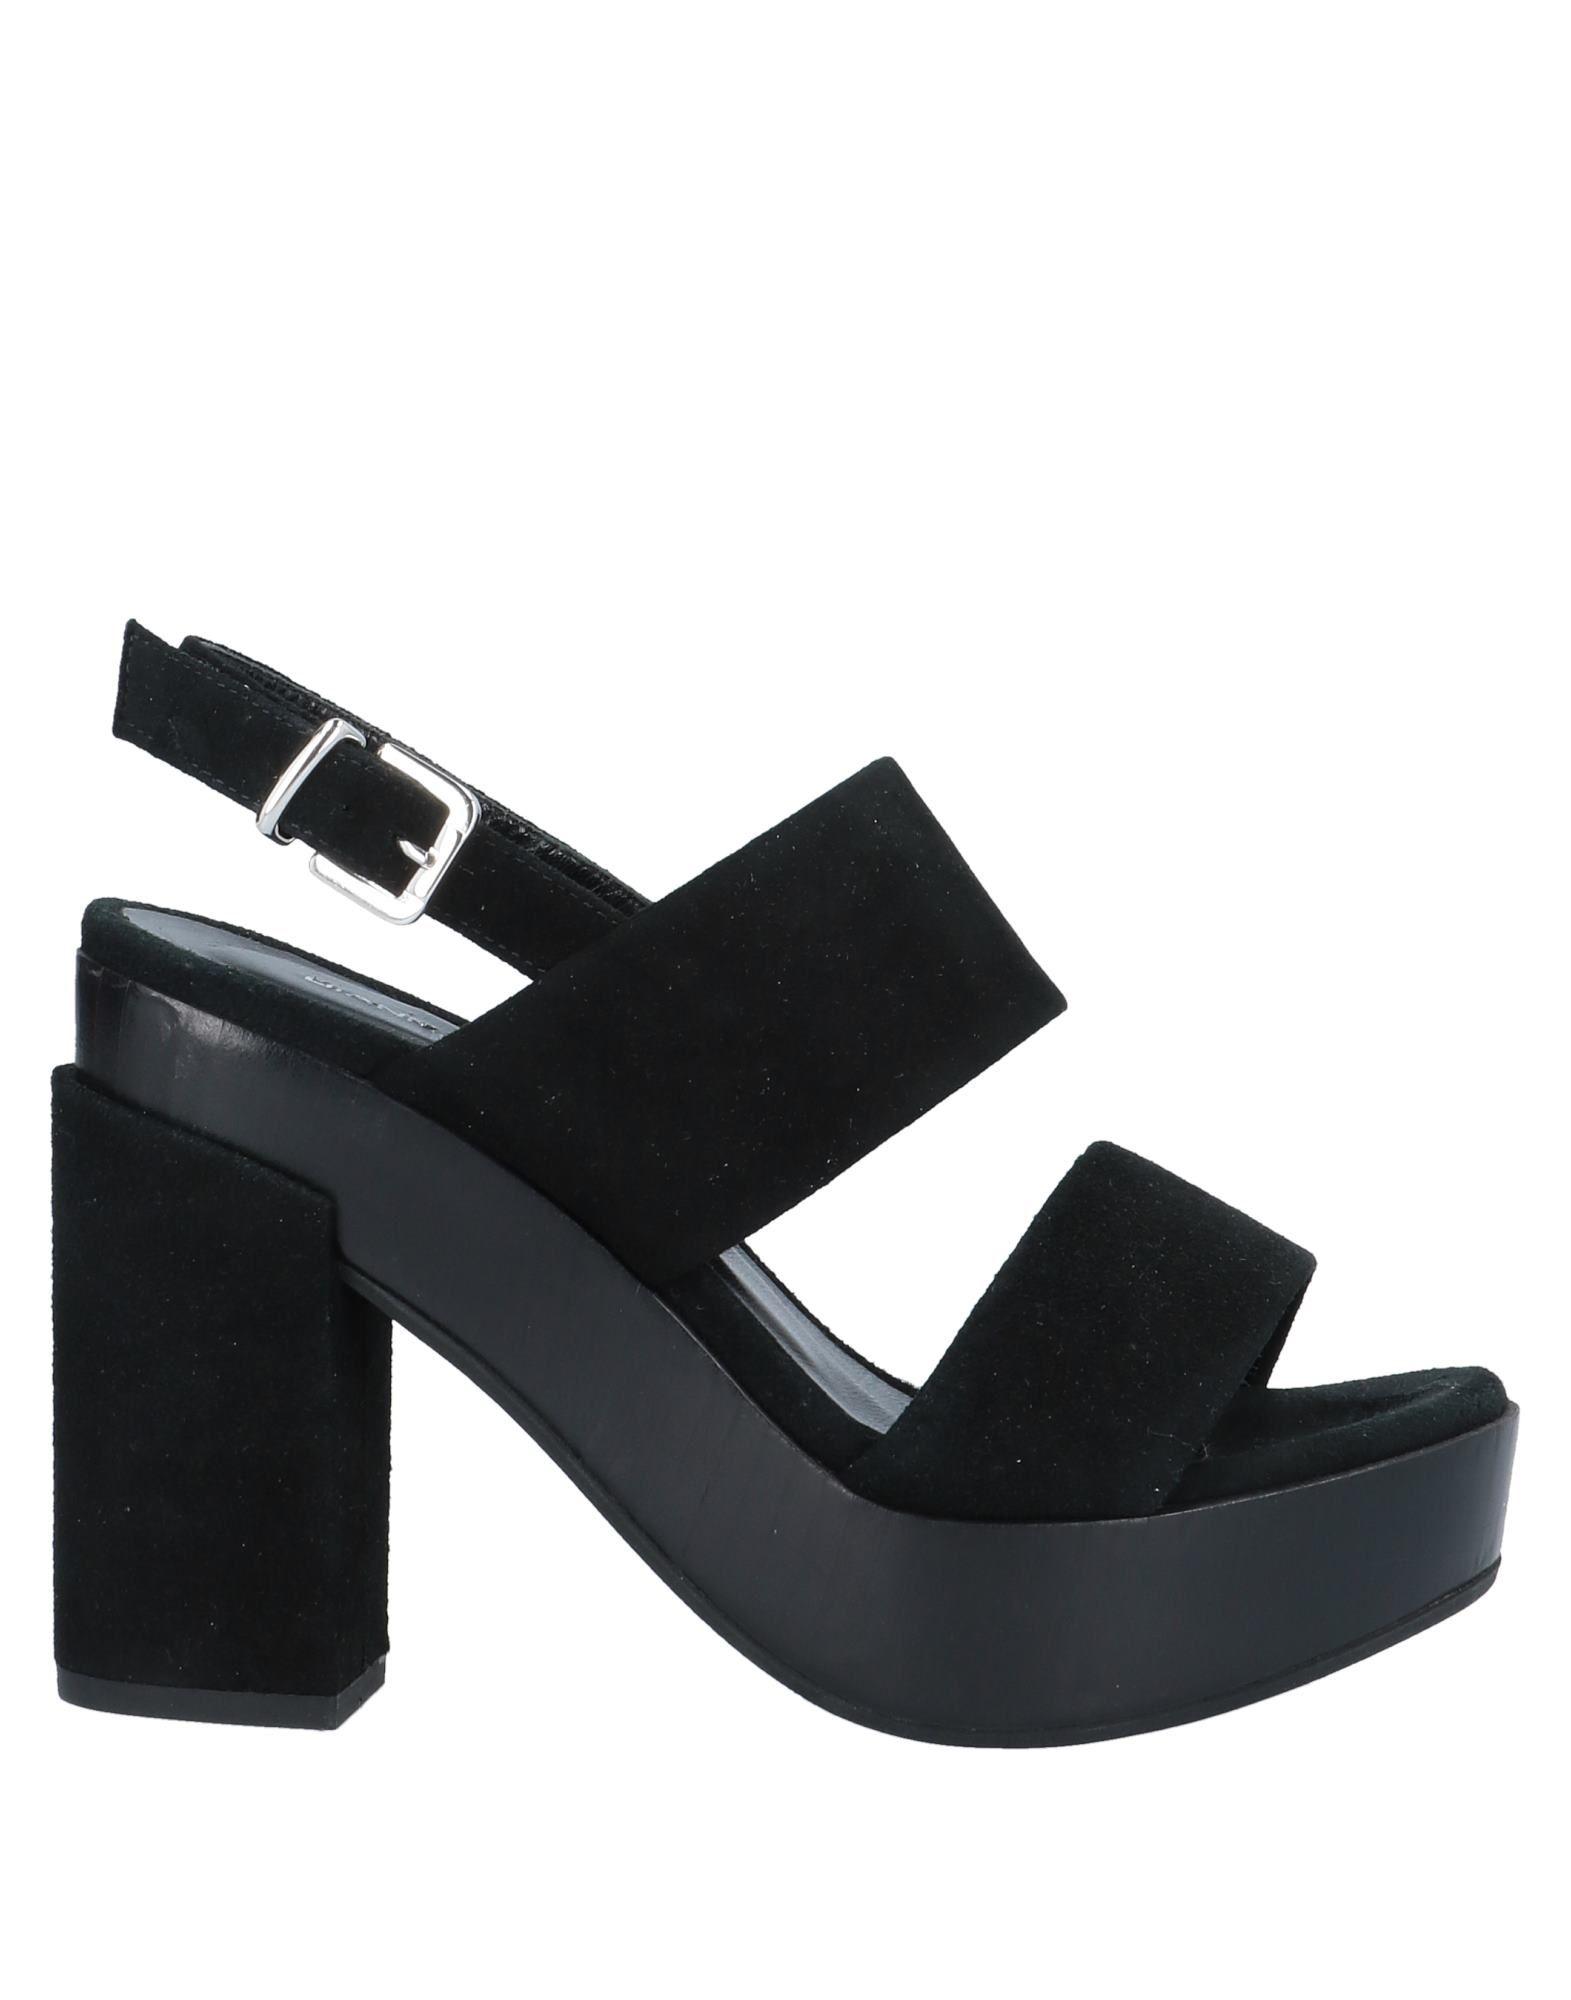 GIANMARCO SORELLI | GIANMARCO SORELLI Sandals 11712996 | Goxip